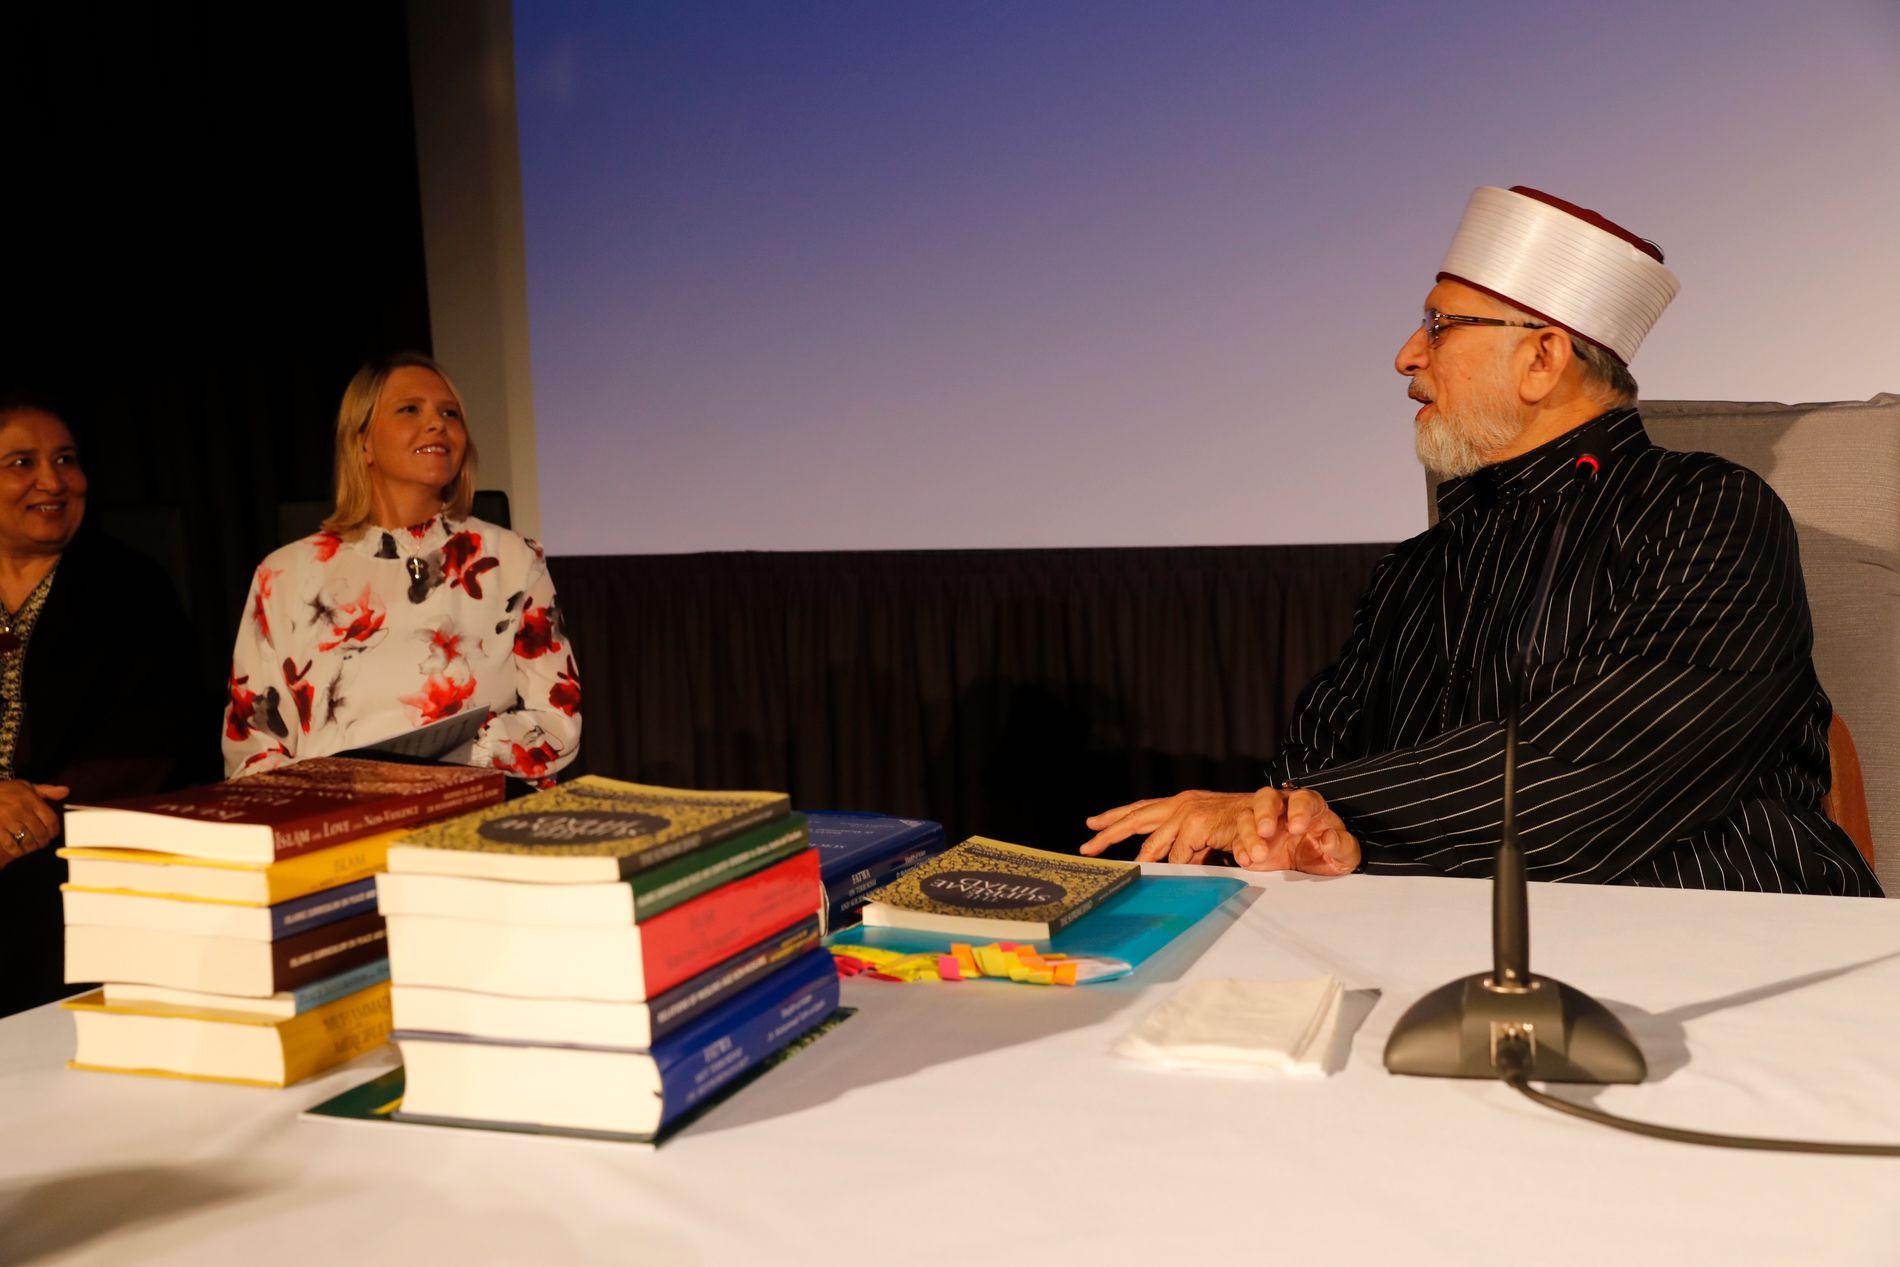 KONFRONTERTE MUSLIMSK LÆRD: Sylvi Listhaug innledet en konferanse mot ekstremisme i Sarpsborg,  da hun konfronterte Muhammad Tahir-ul-Qadri med hans kontroversielle synspunkter.